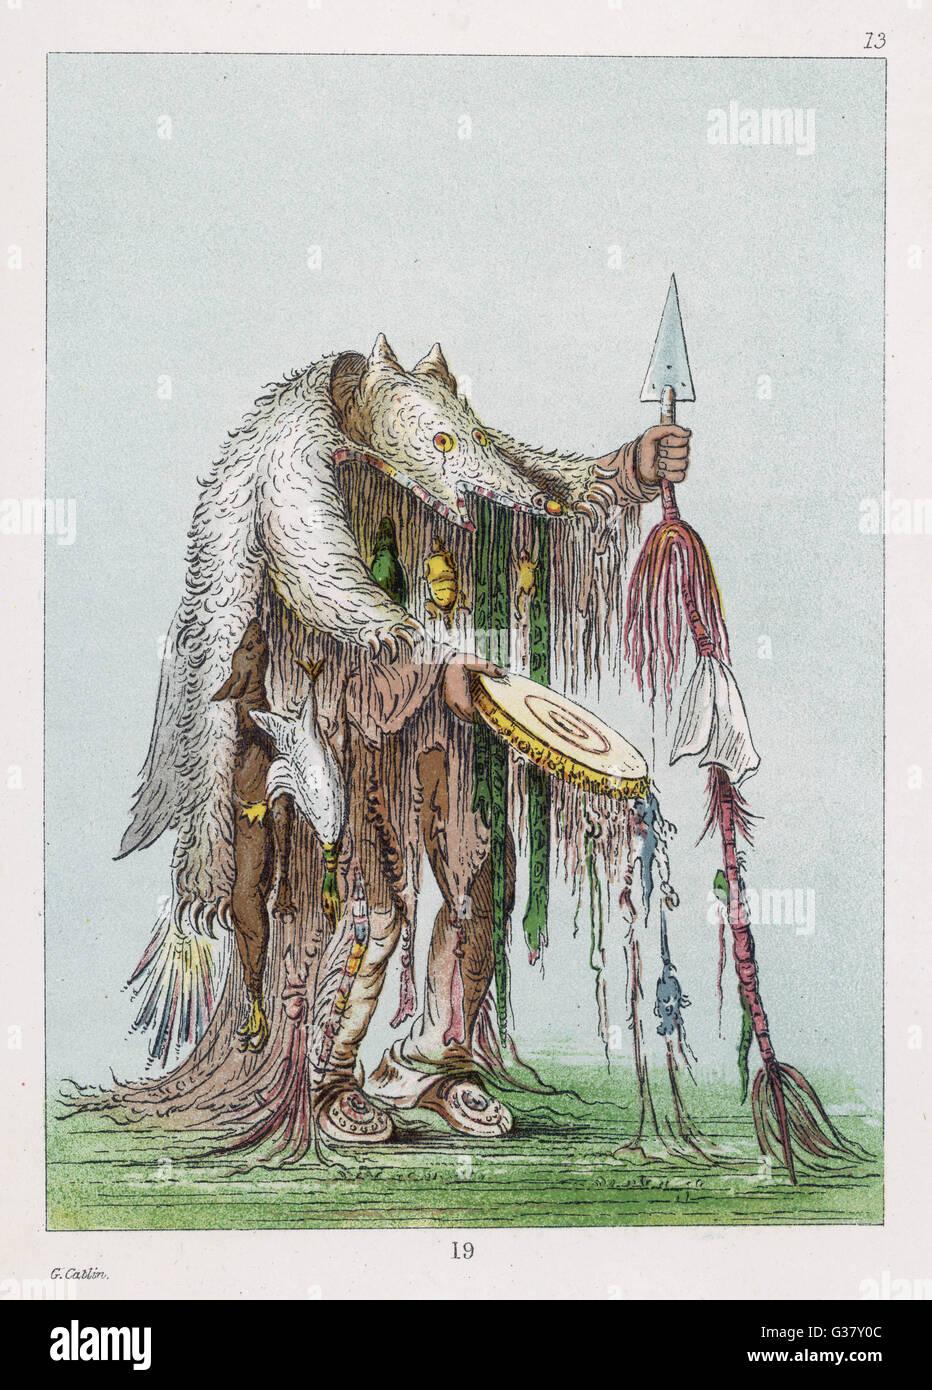 Hombre de medicina americana nativa de la tribu blackfoot. Fecha  1830  Imagen De Stock 11aaf5b4905a